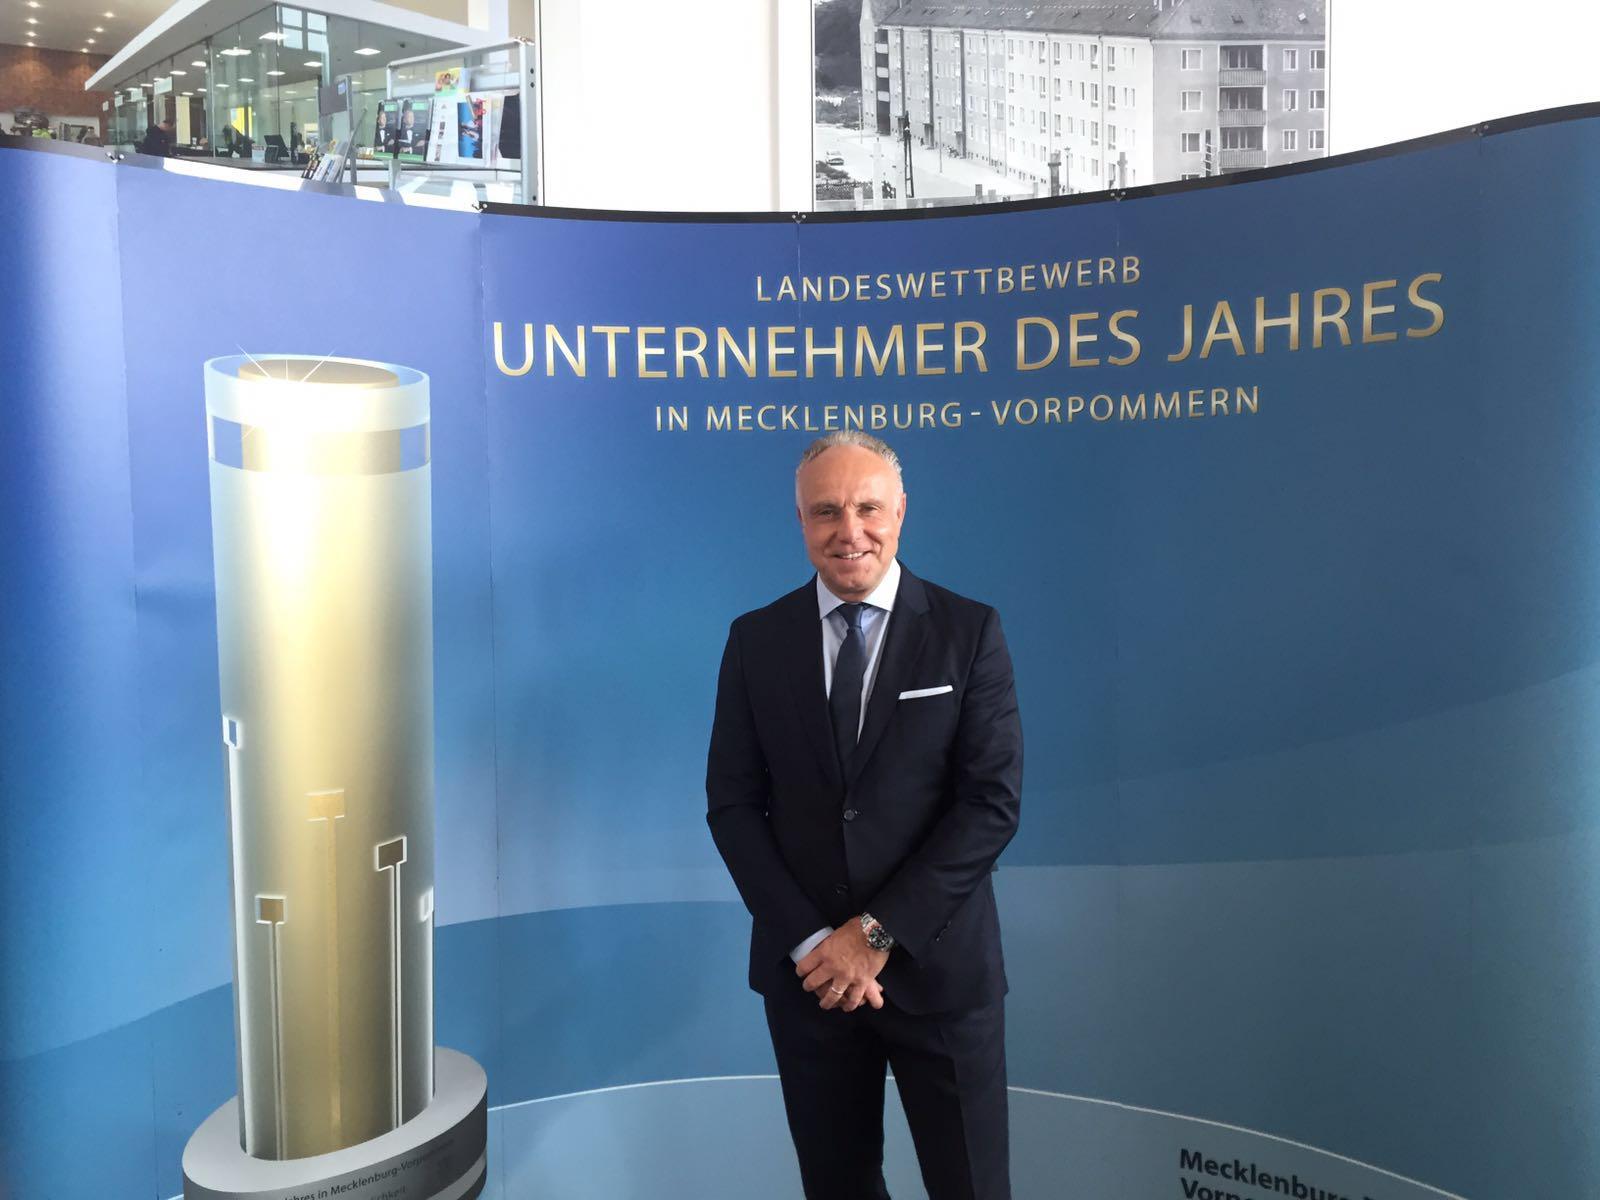 Der Faktor Mensch bei der Preisverleihung des Landes Mecklenburg-Vorpommern